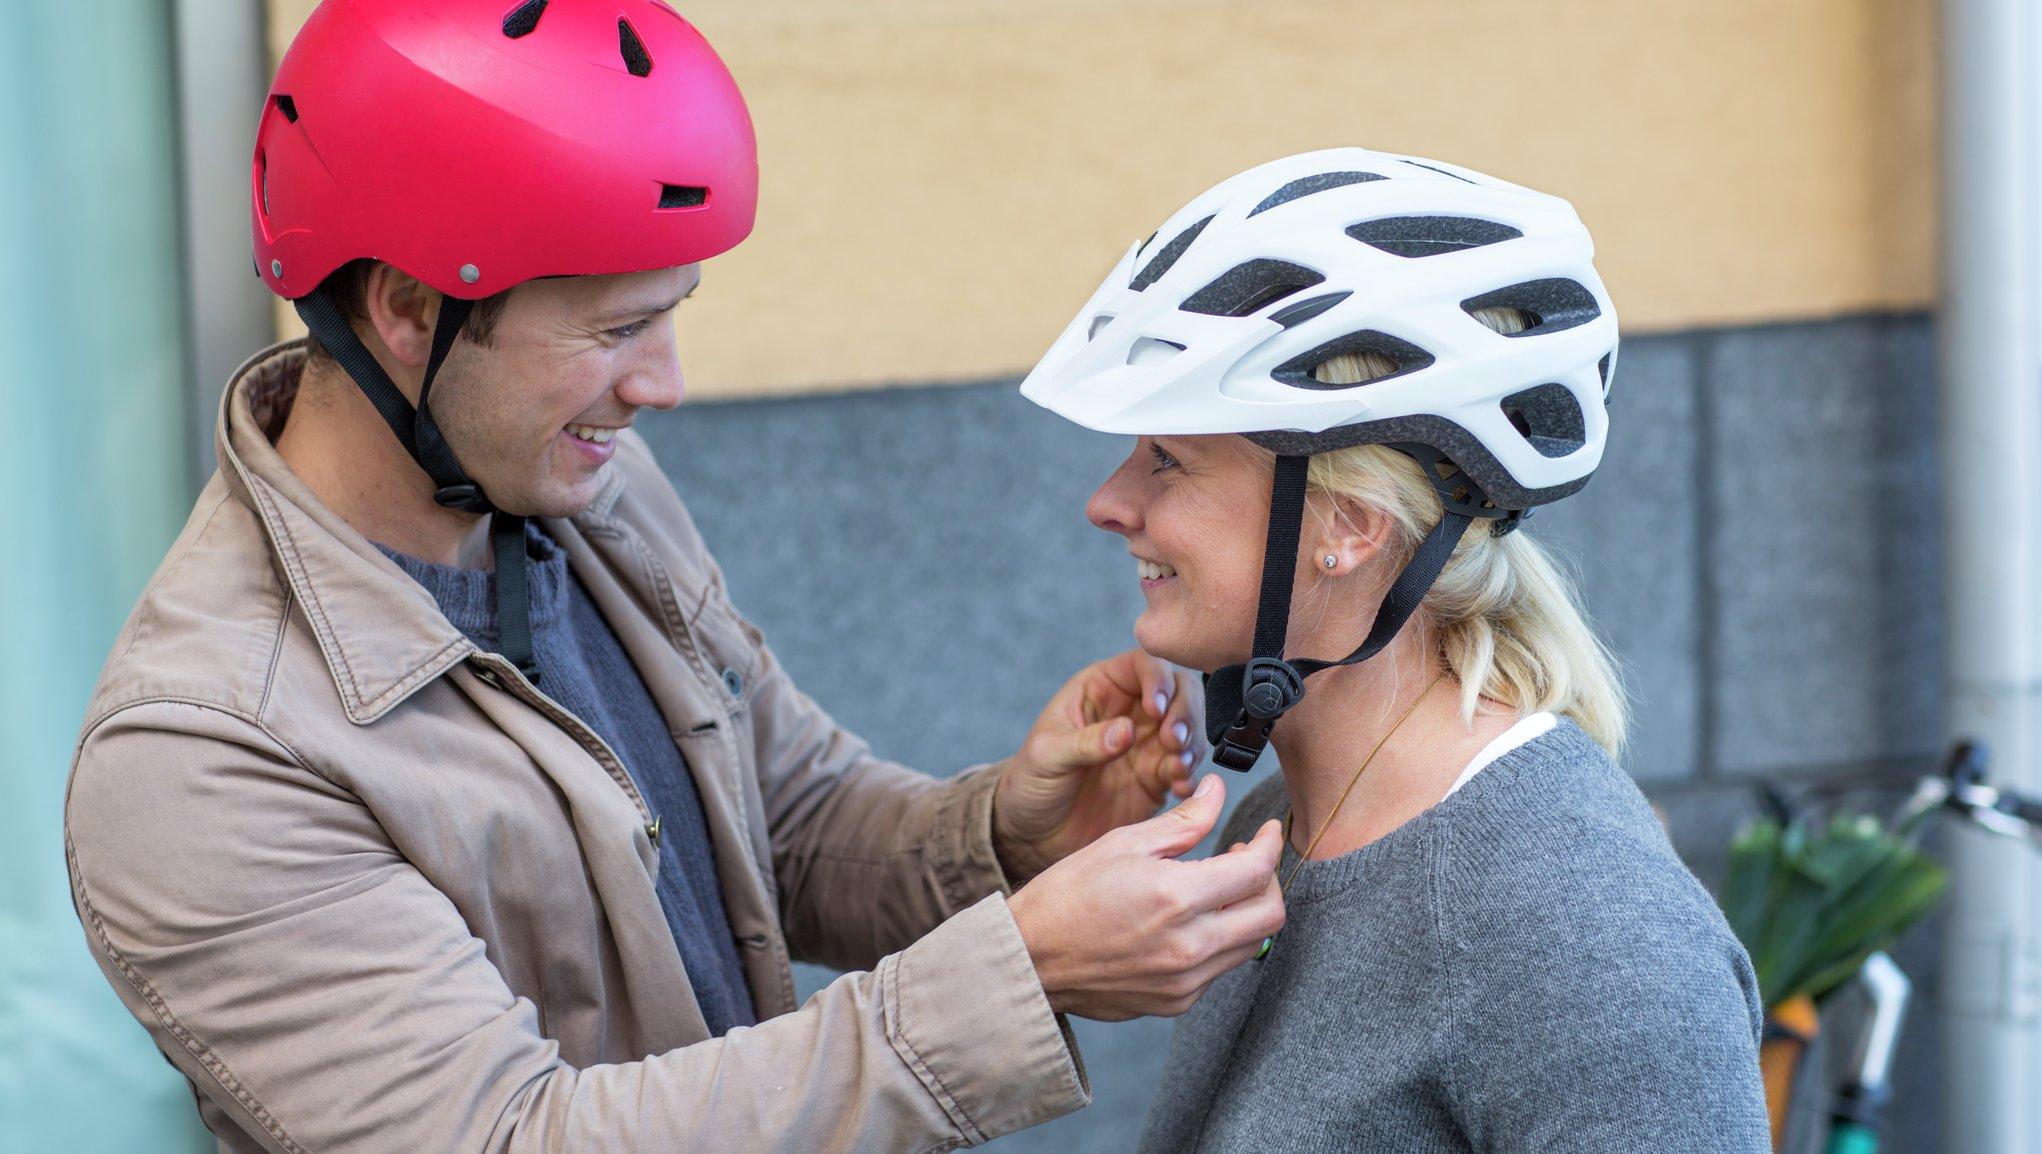 Mies auttaa naista laittamaan pyöräilykypärää päähän